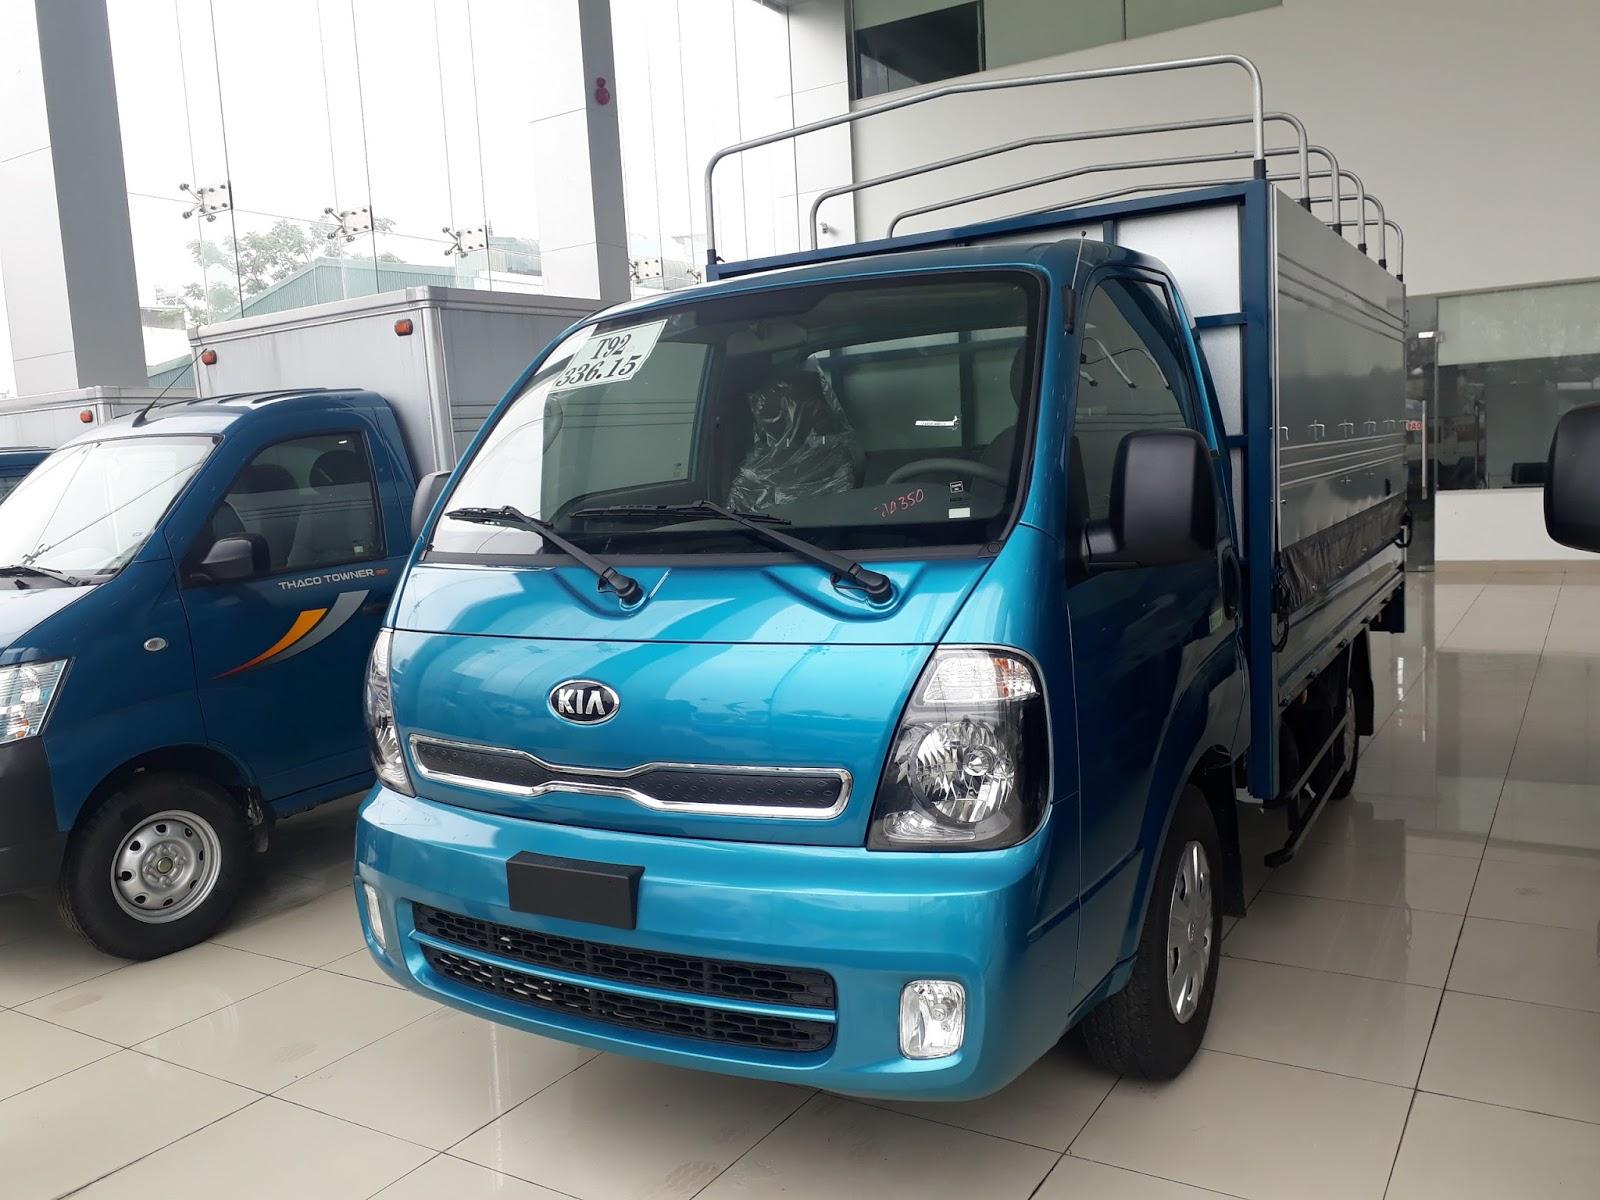 Bán xe tải Hyundai 1 tấn Thaco K200 tại Hải Phòng giá rẻ cạnh tranh